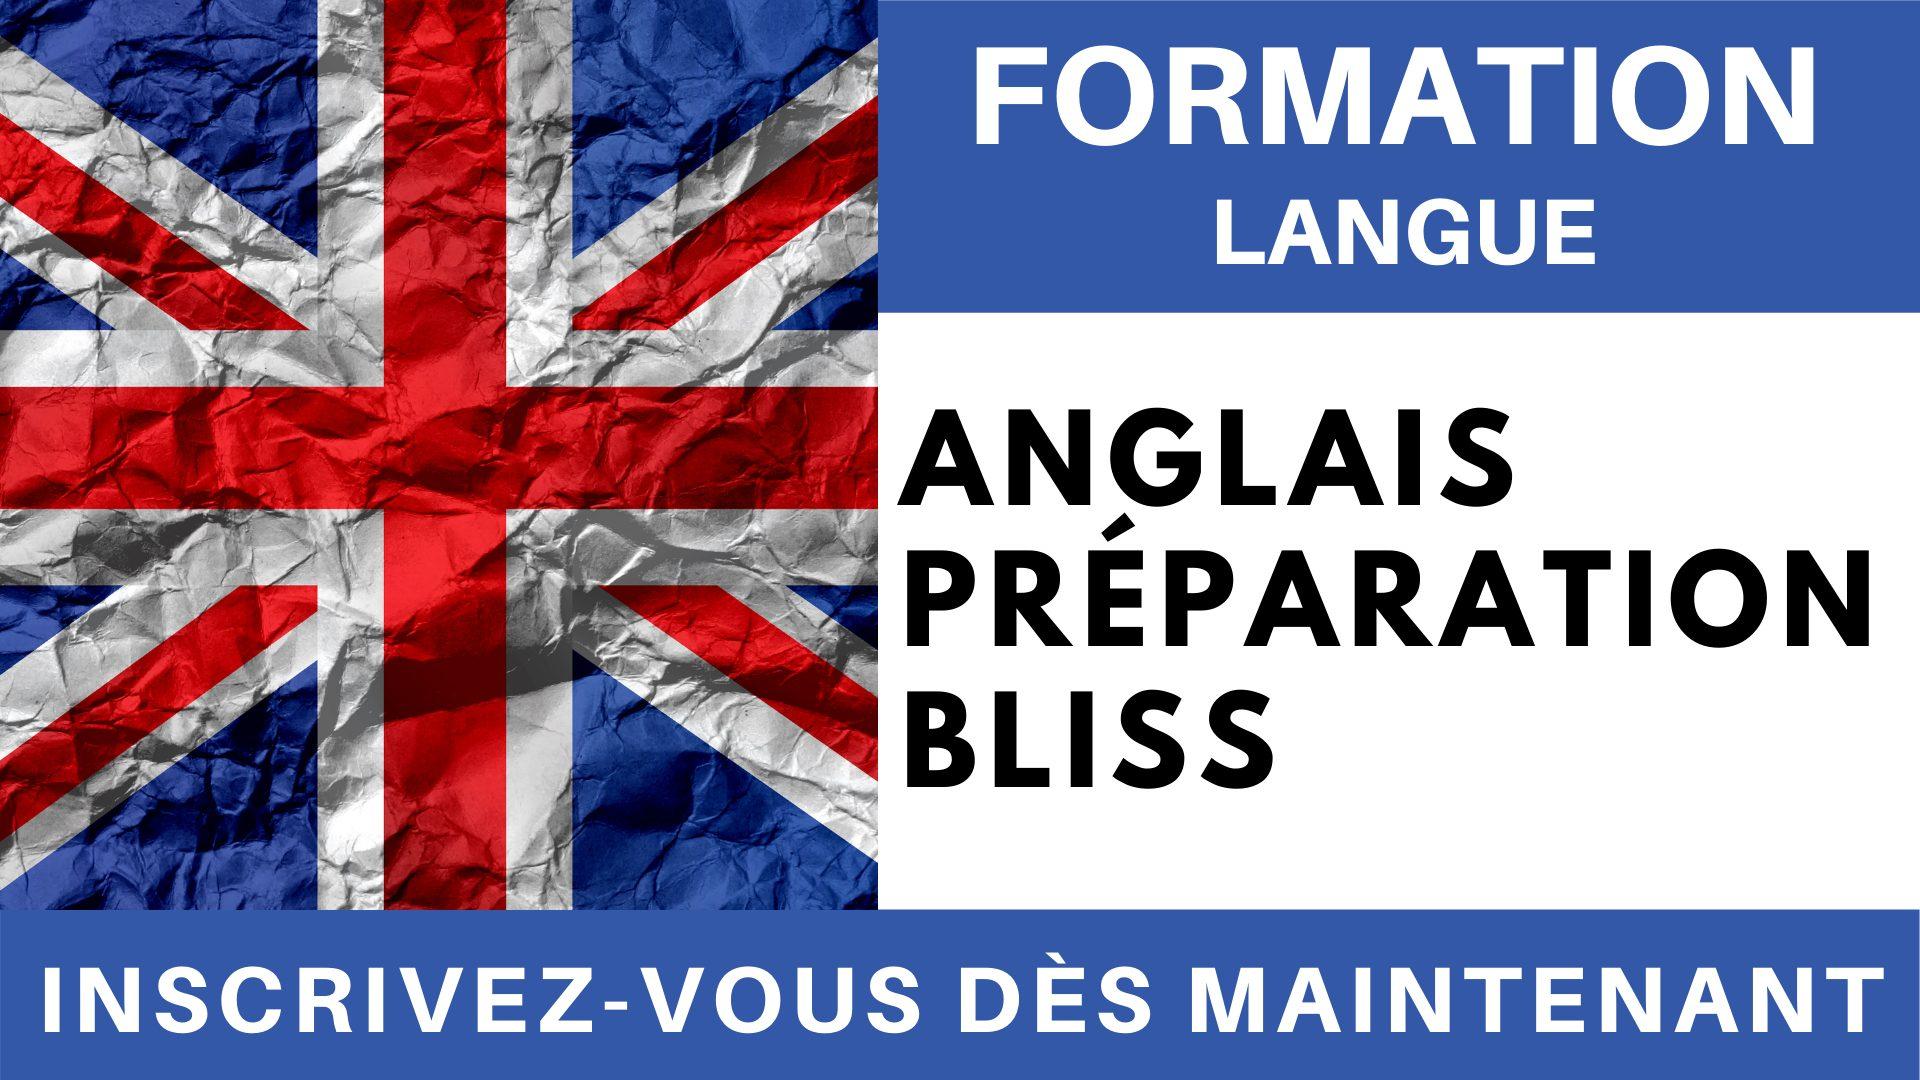 Formation Langue - Anglais Préparation BLISS